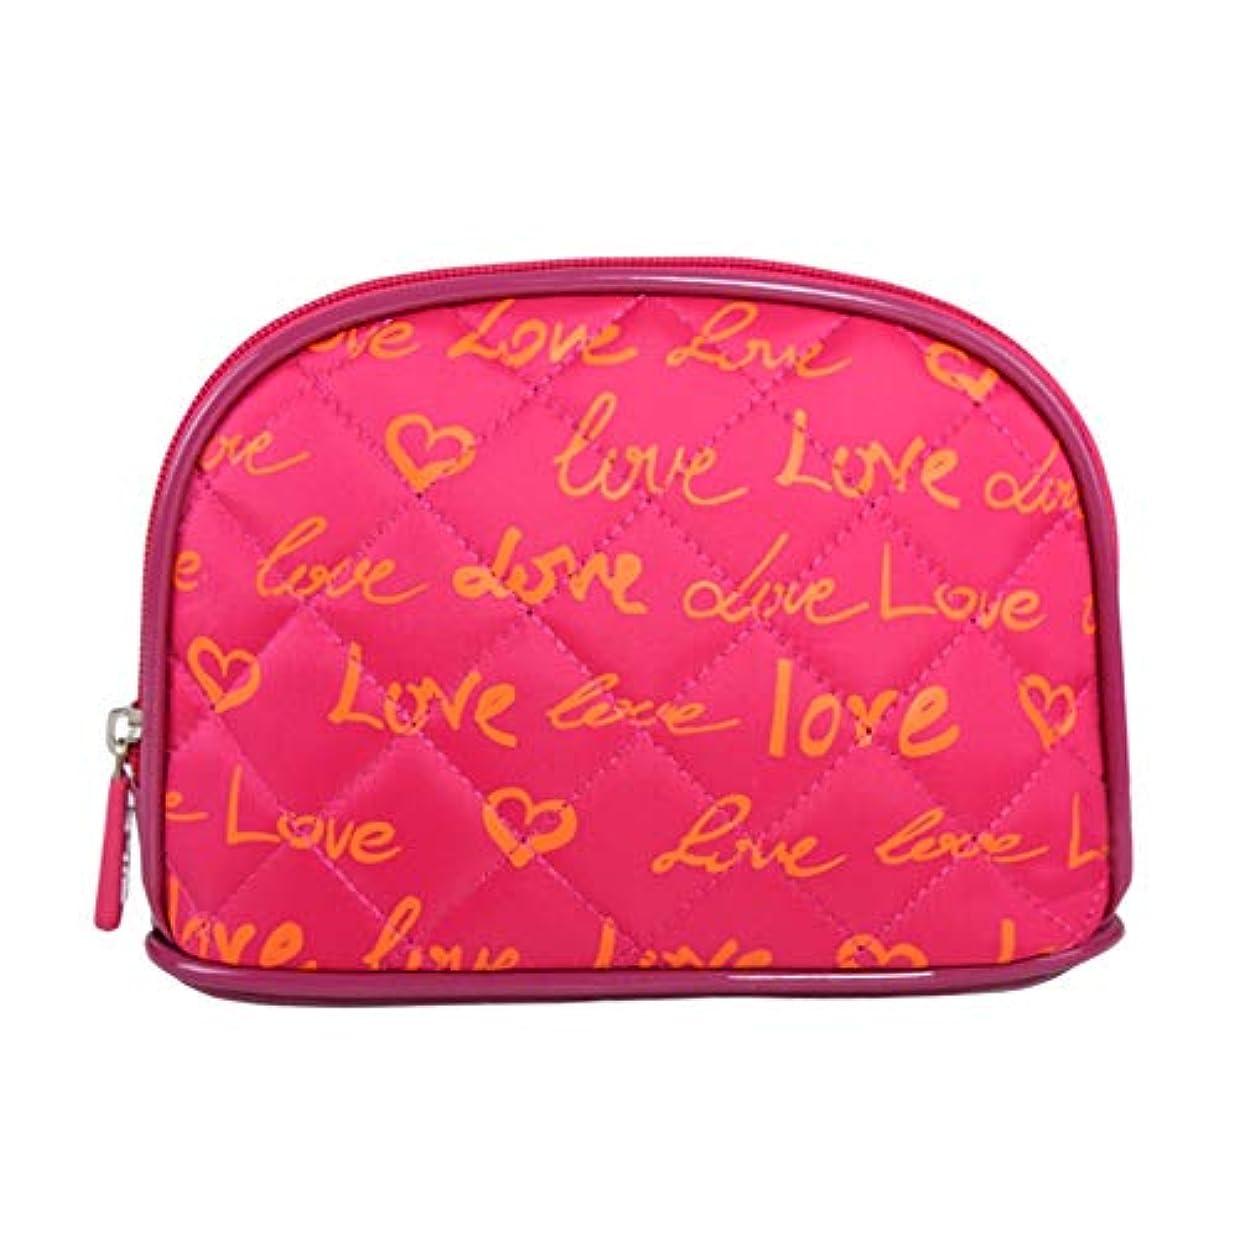 かわいらしいルールグロー化粧オーガナイザーバッグ ポータブル防水化粧品袋印刷トップジッパーメークアップの場合旅行 化粧品ケース (色 : 赤)